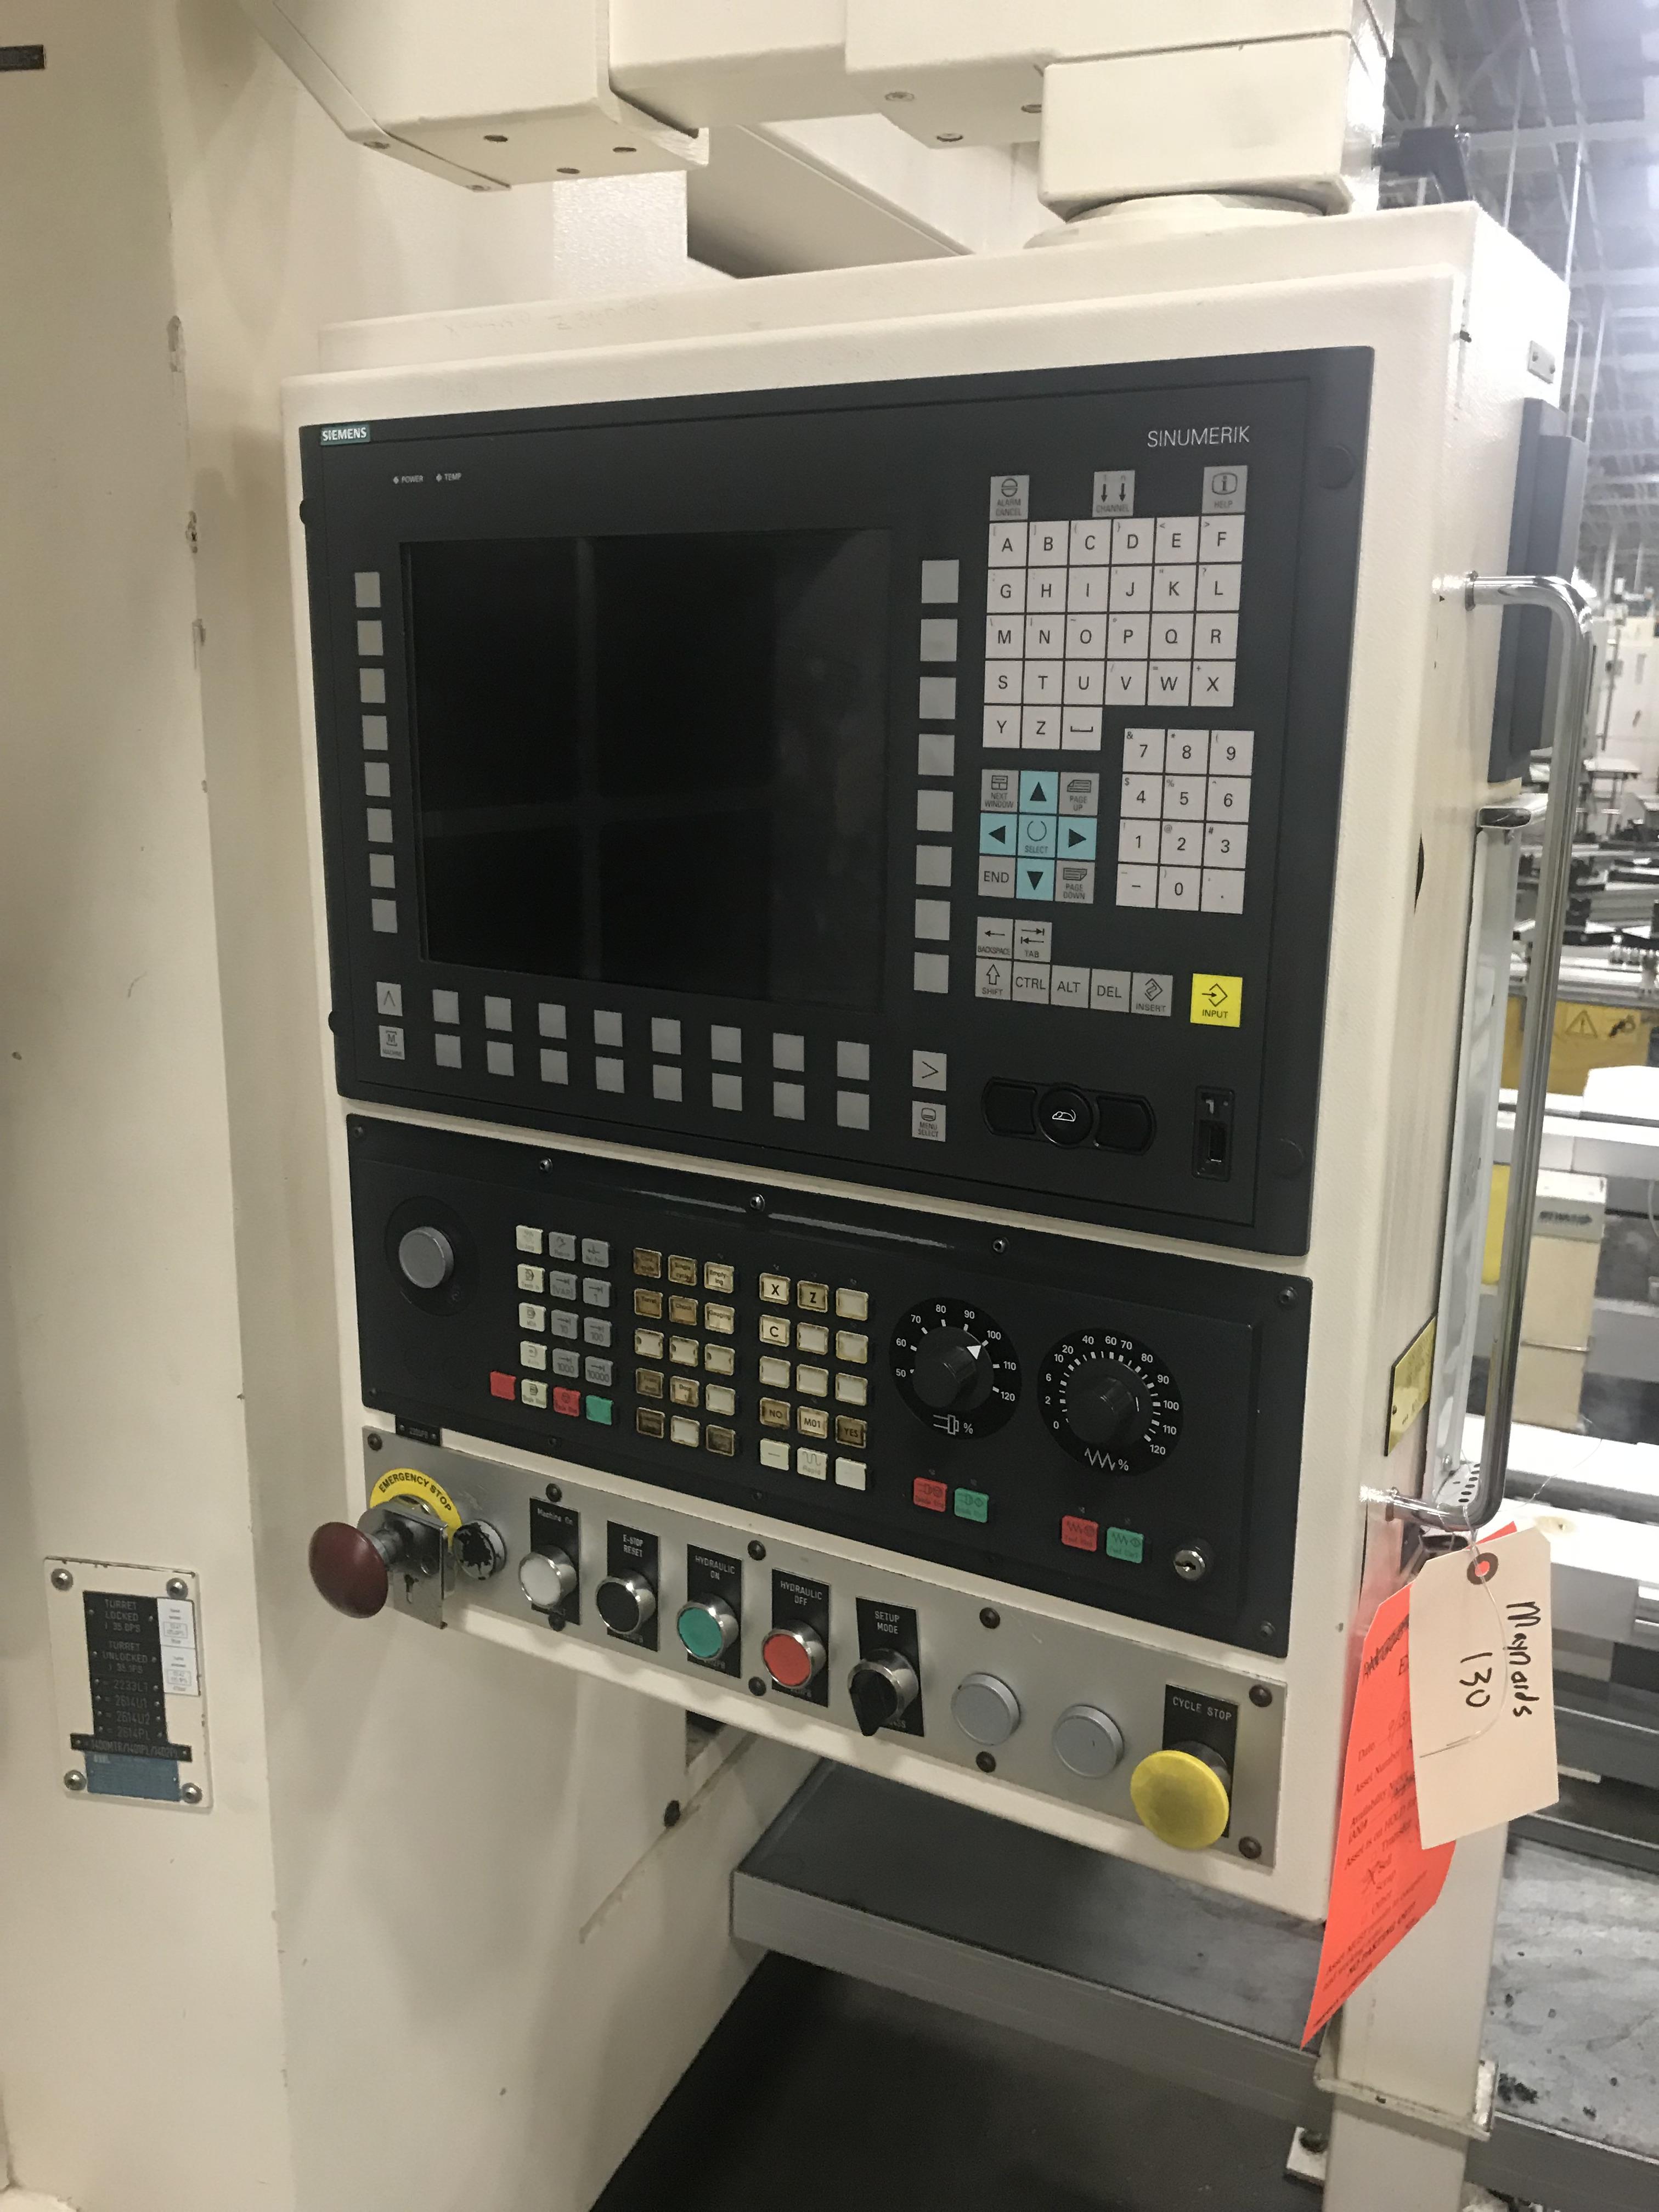 Lot 130 - 2003 Emag HSC250DS CNC Lathe